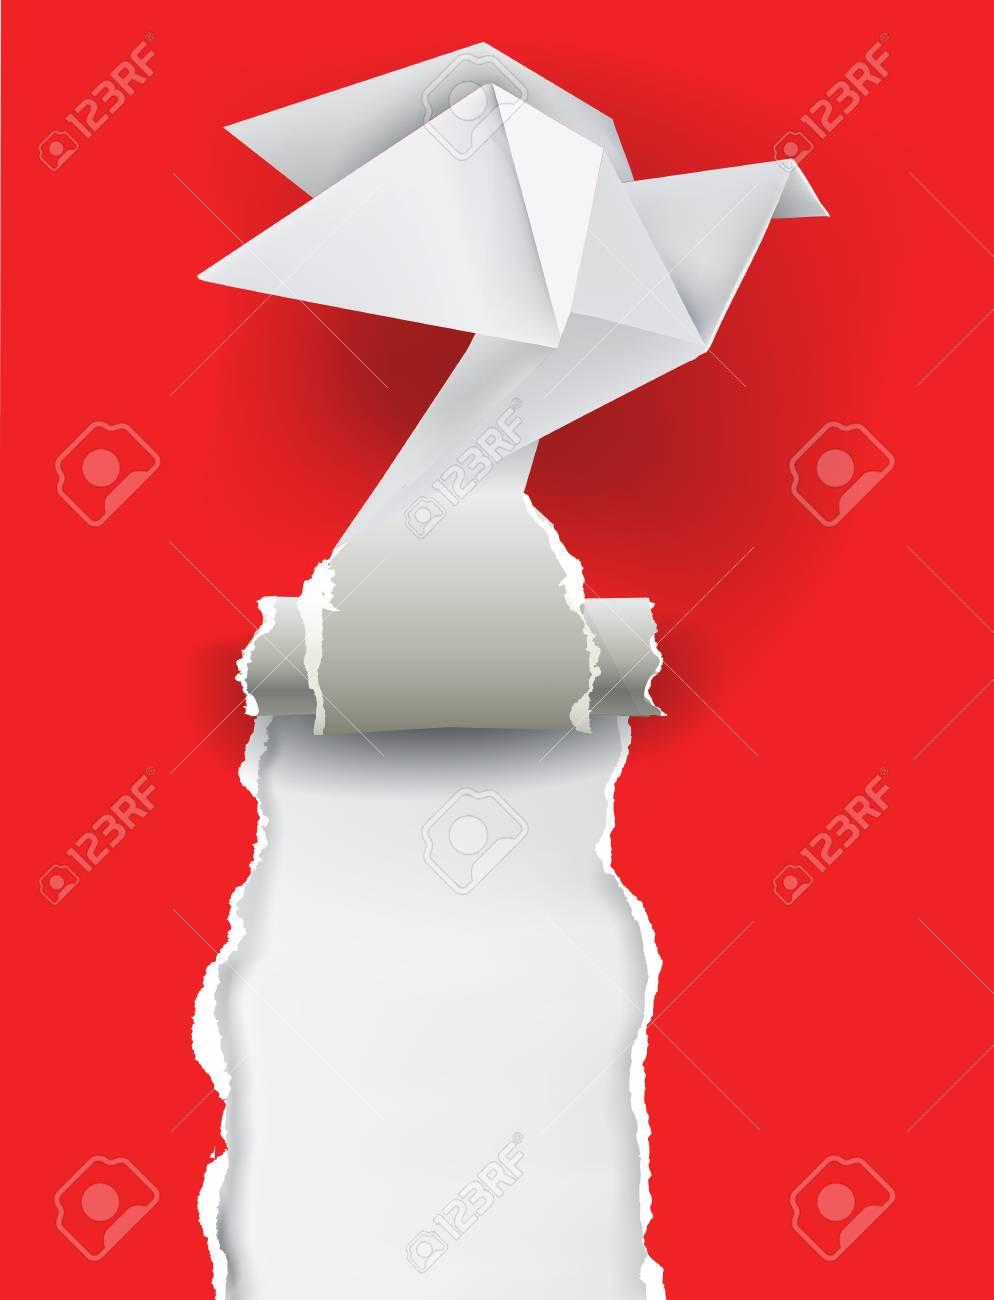 折り紙のハトが紙をリッピングしますあなたのイメージのための場所では